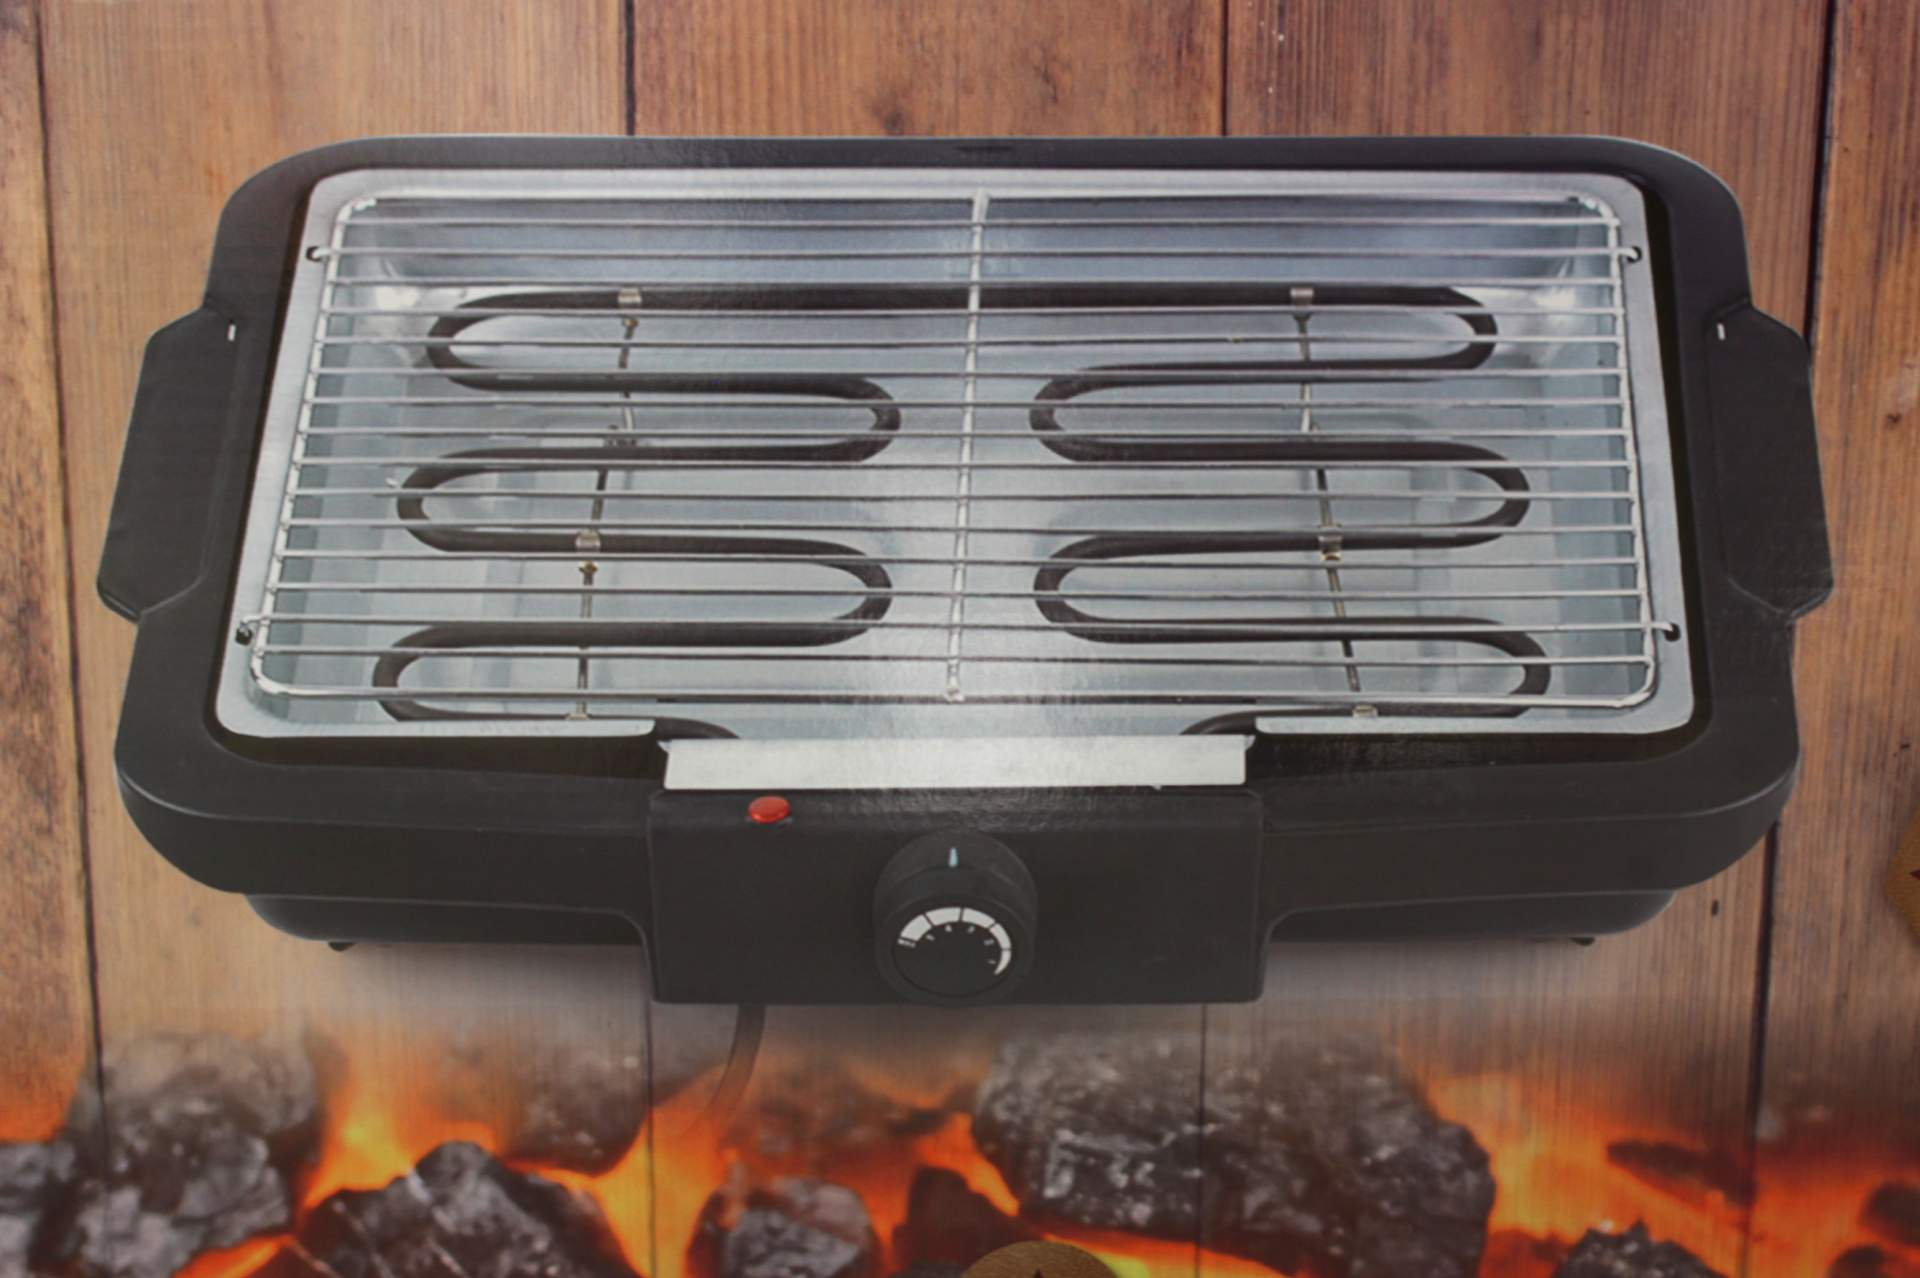 elektro tischgrill kynast 2000 watt elektrisch grill bbq. Black Bedroom Furniture Sets. Home Design Ideas